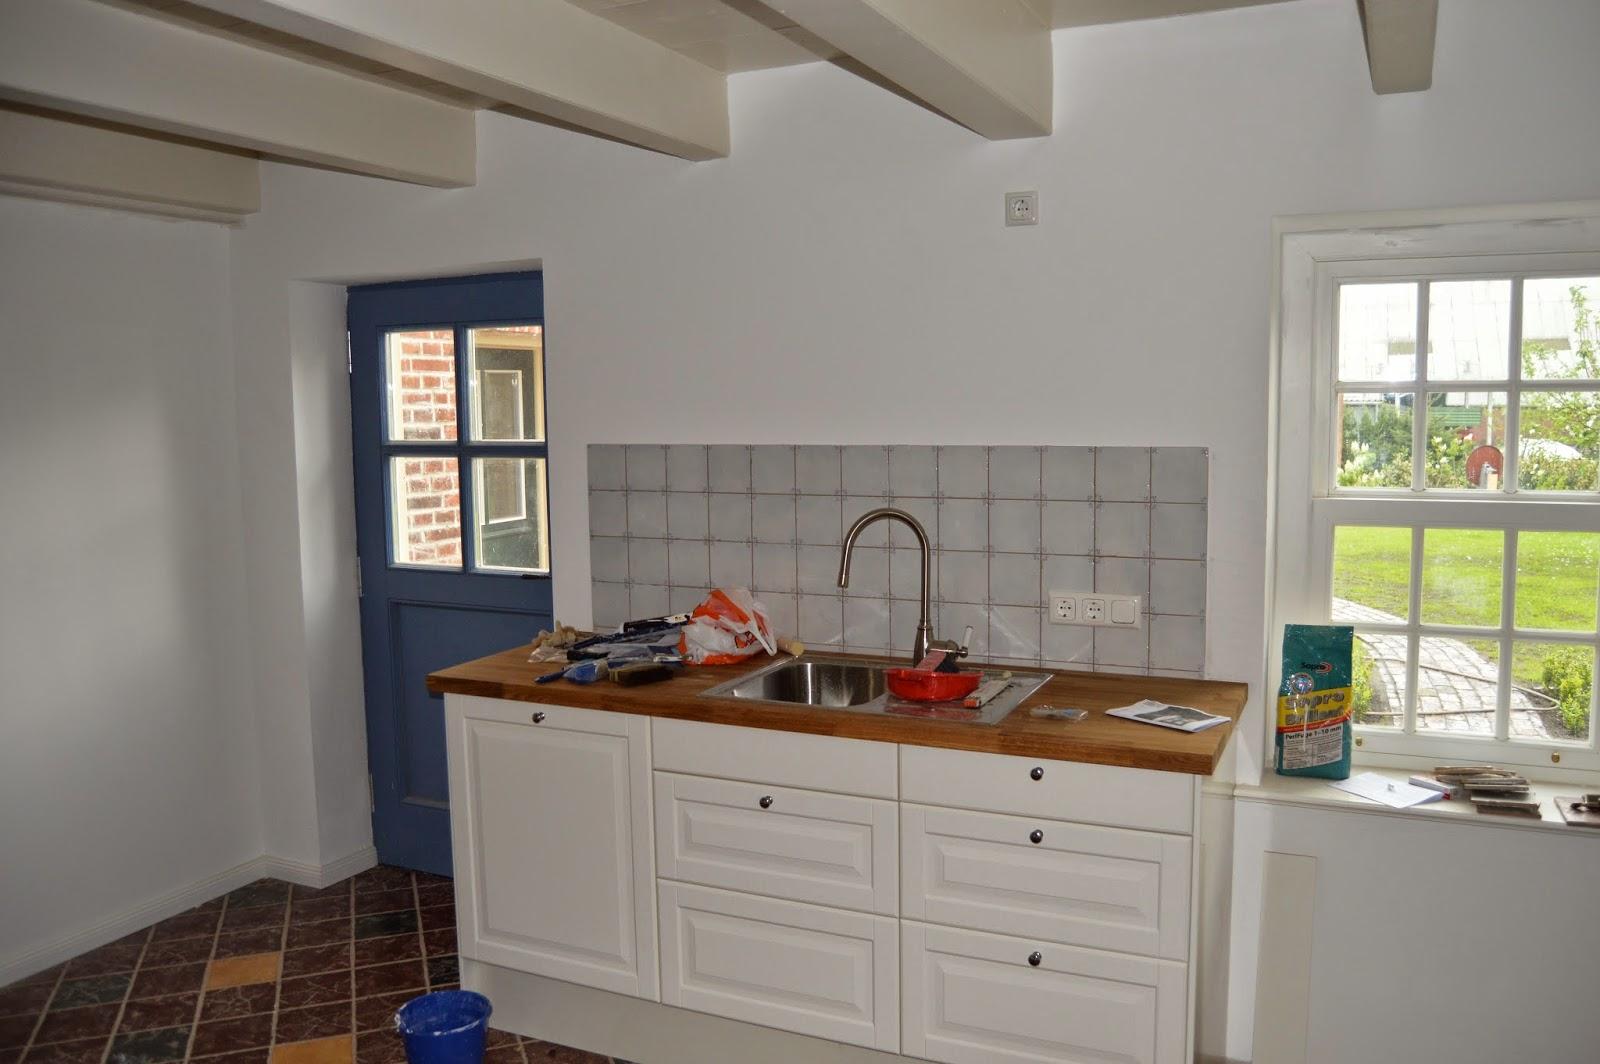 Neue Fronten Für Ikea Küche | Neue Küchenfront In Spiegelglanz Weiß ...